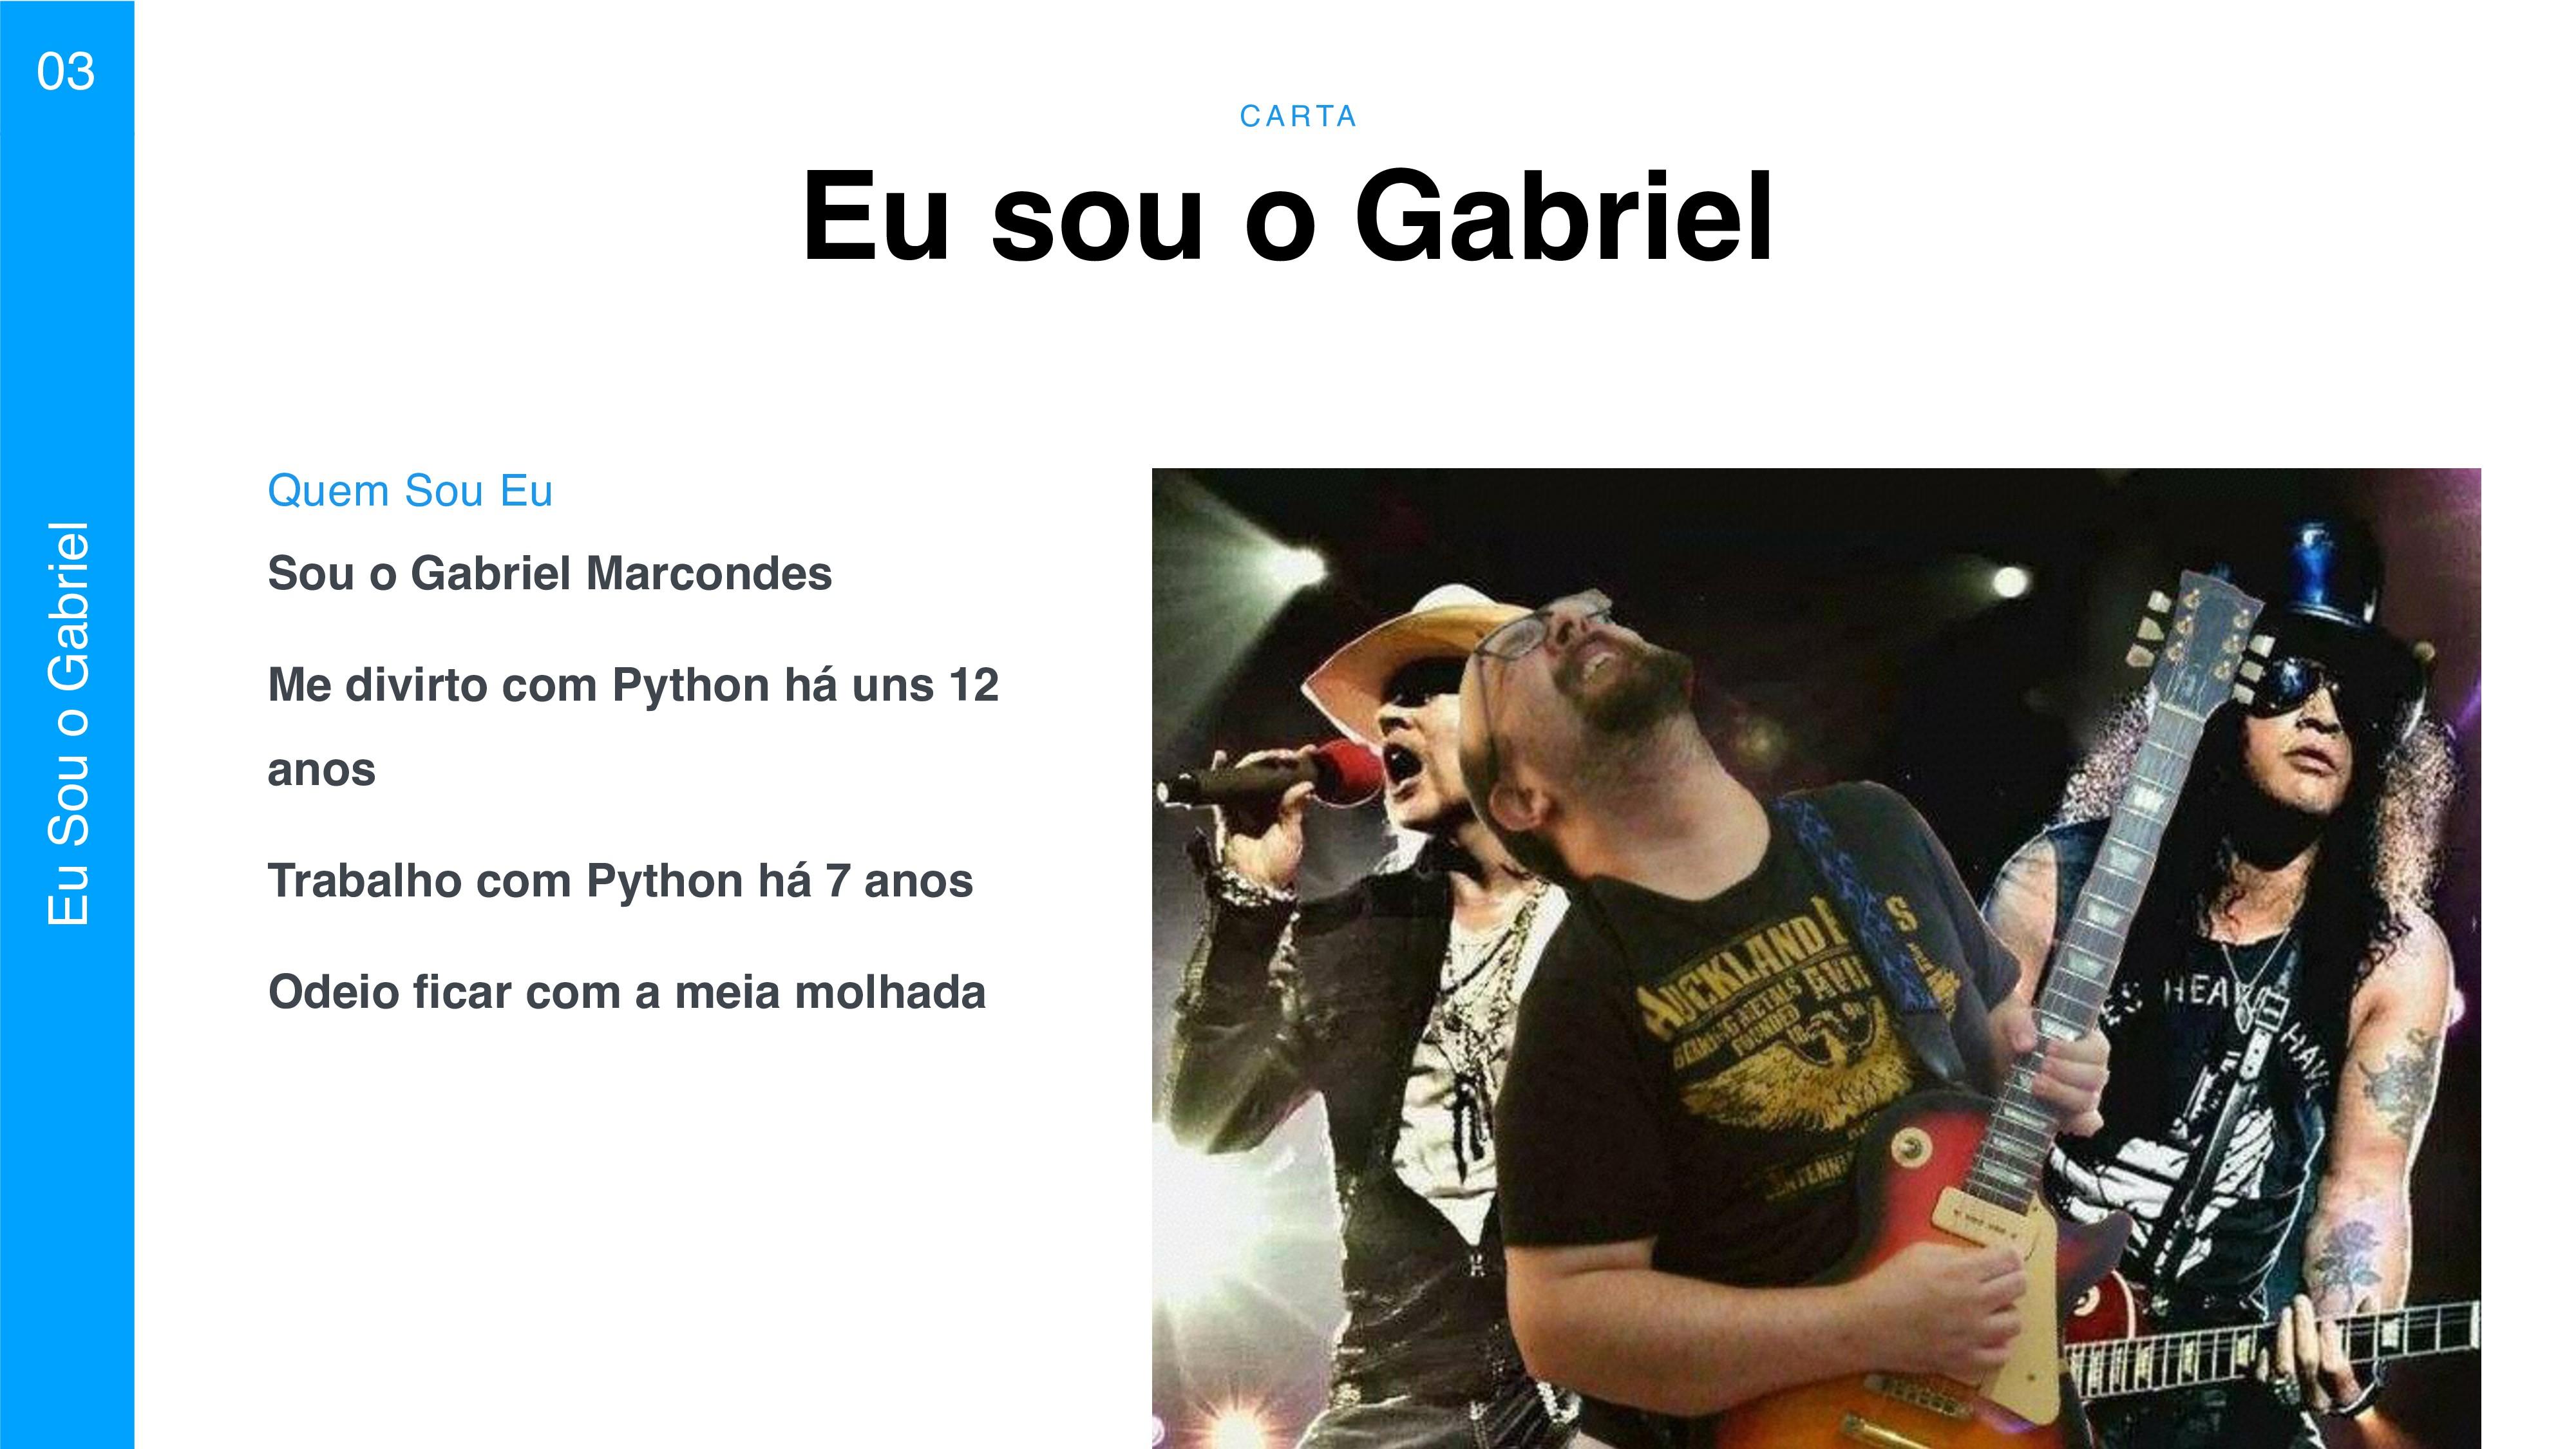 C A RTA 03 Eu Sou o Gabriel Eu sou o Gabriel So...